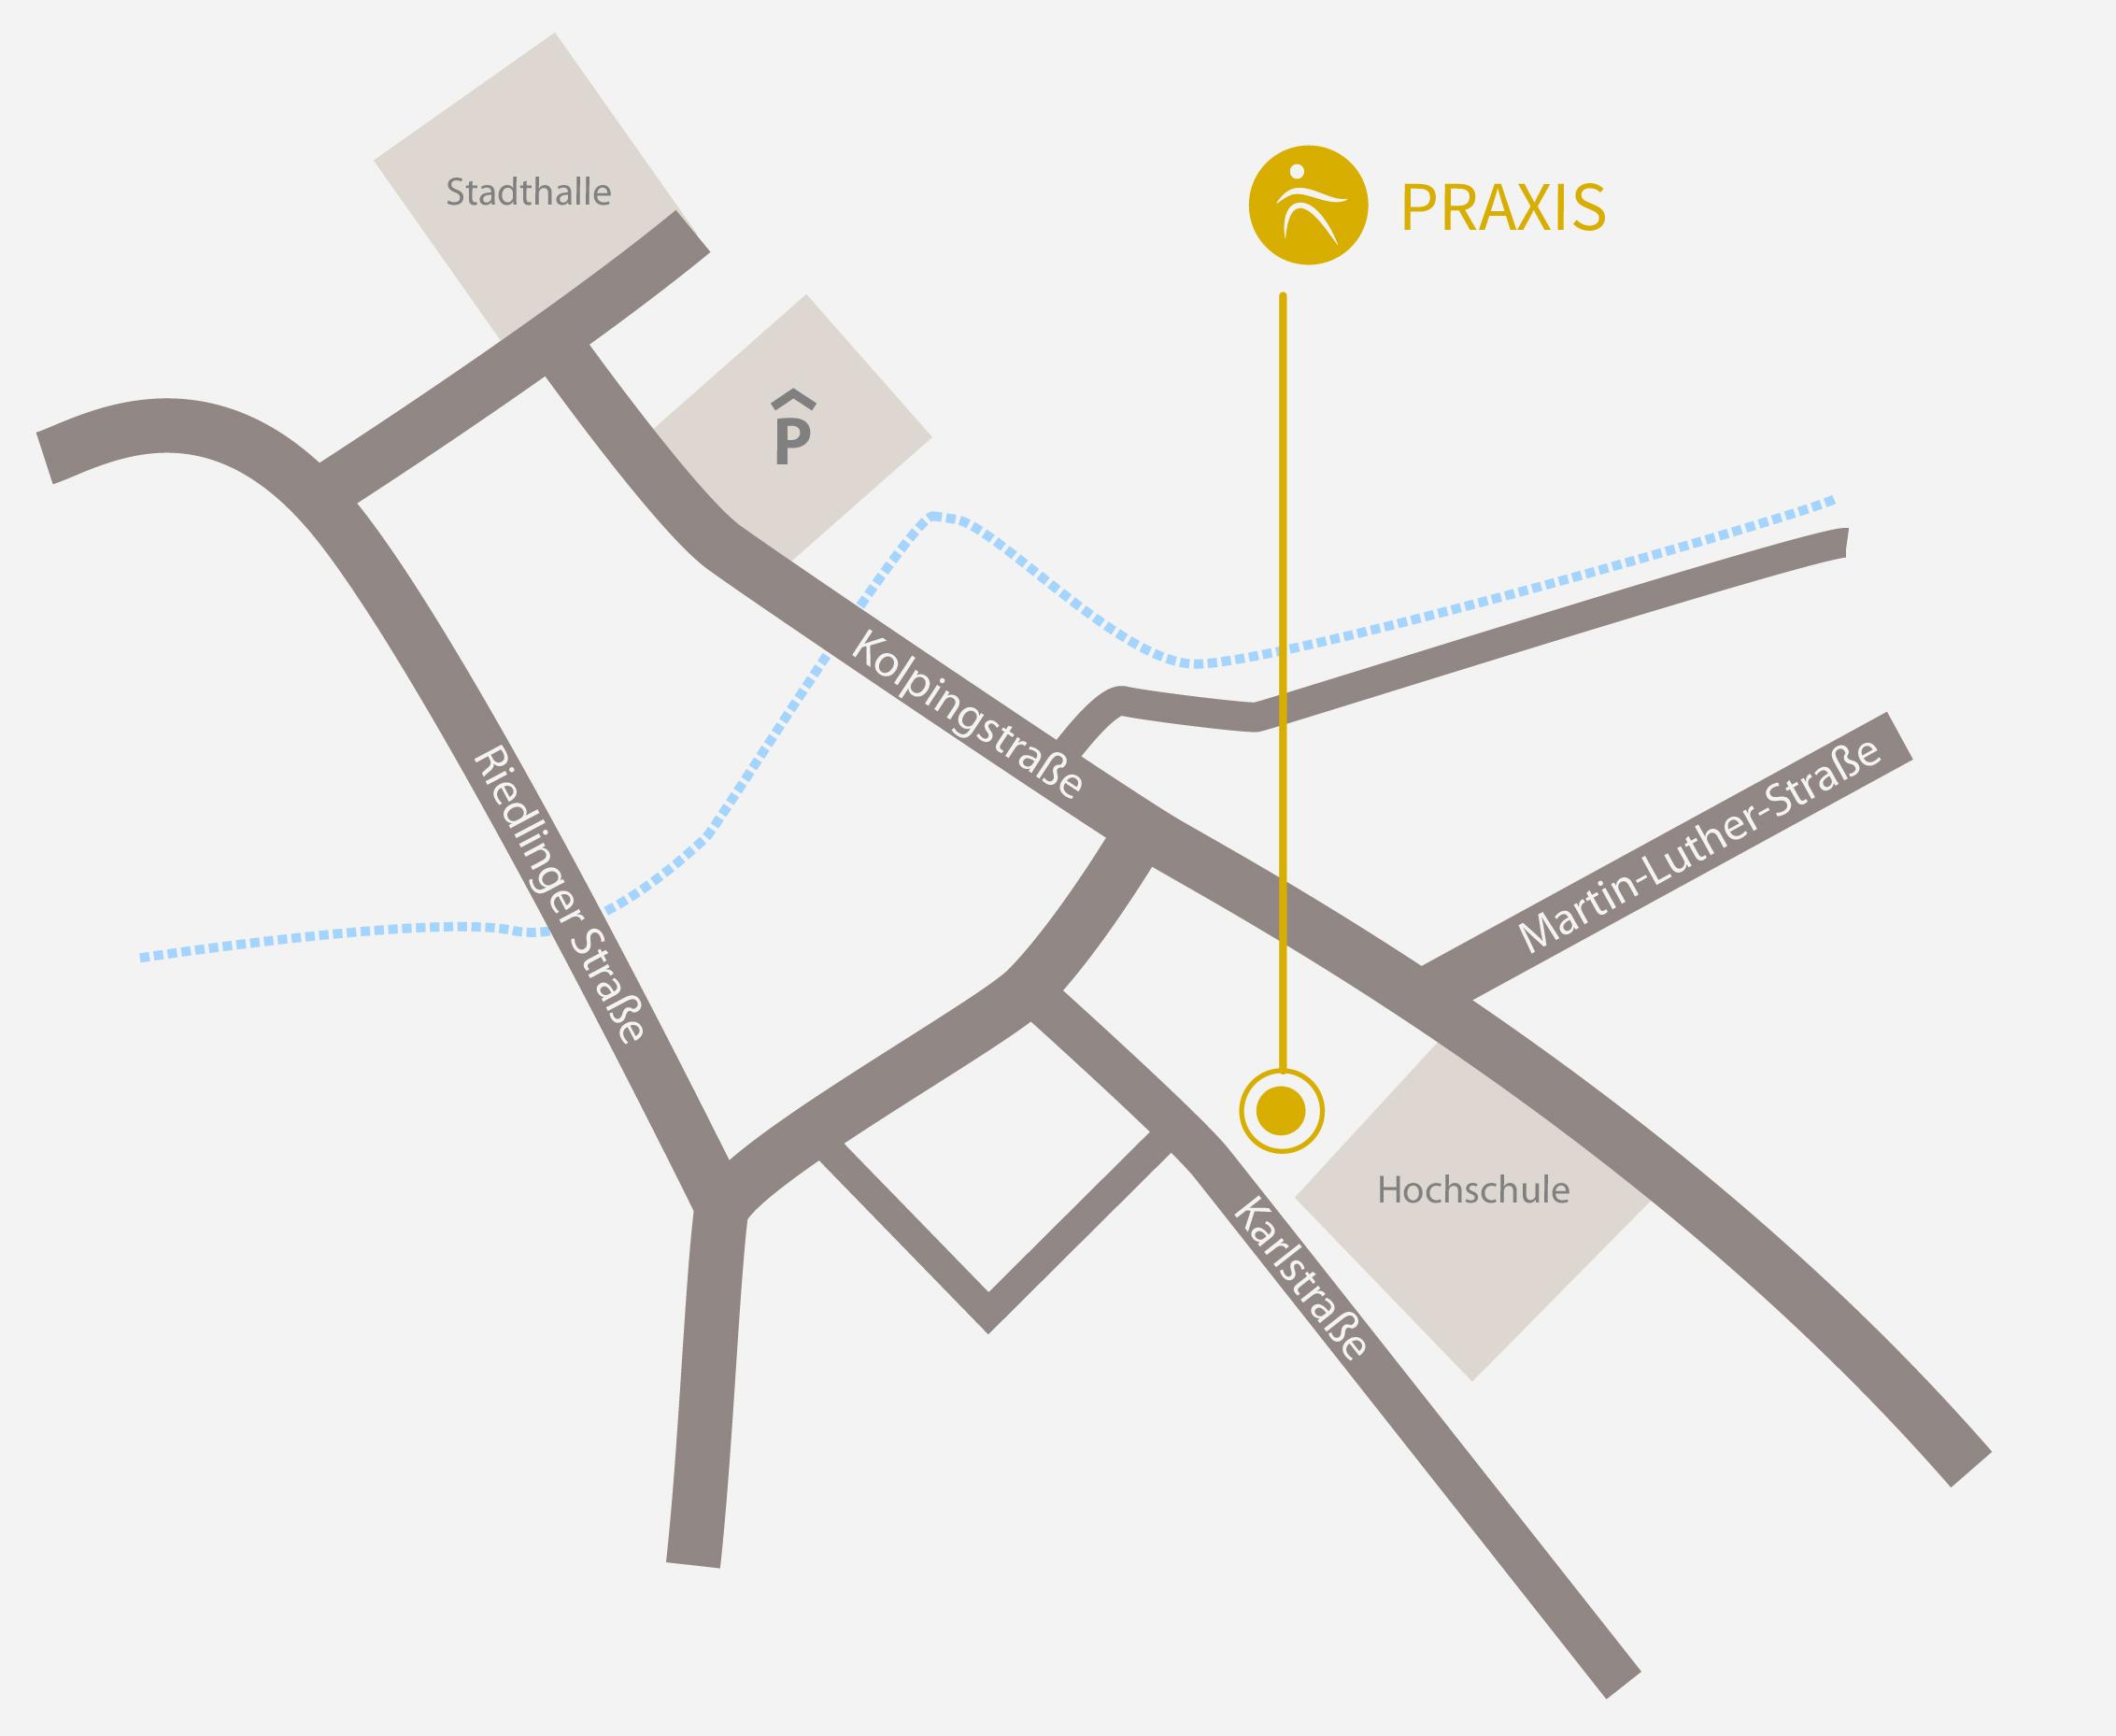 Anfahrt Kalrstraße